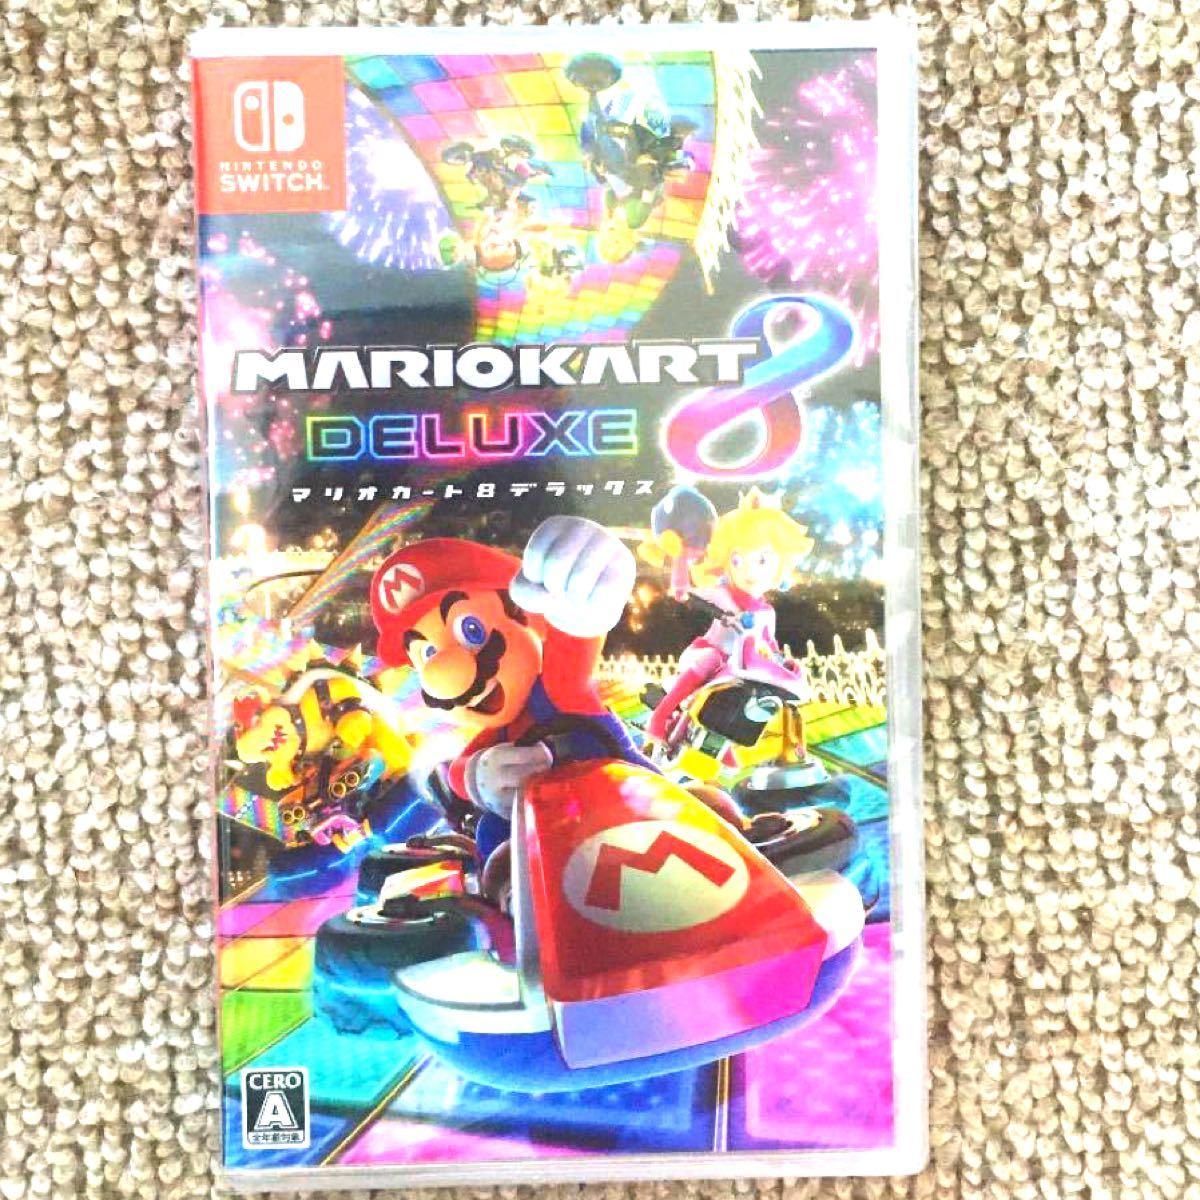 任天堂 Nintendo Switchソフト マリオカート8 デラックス マリオカート switch 新品未使用未開封